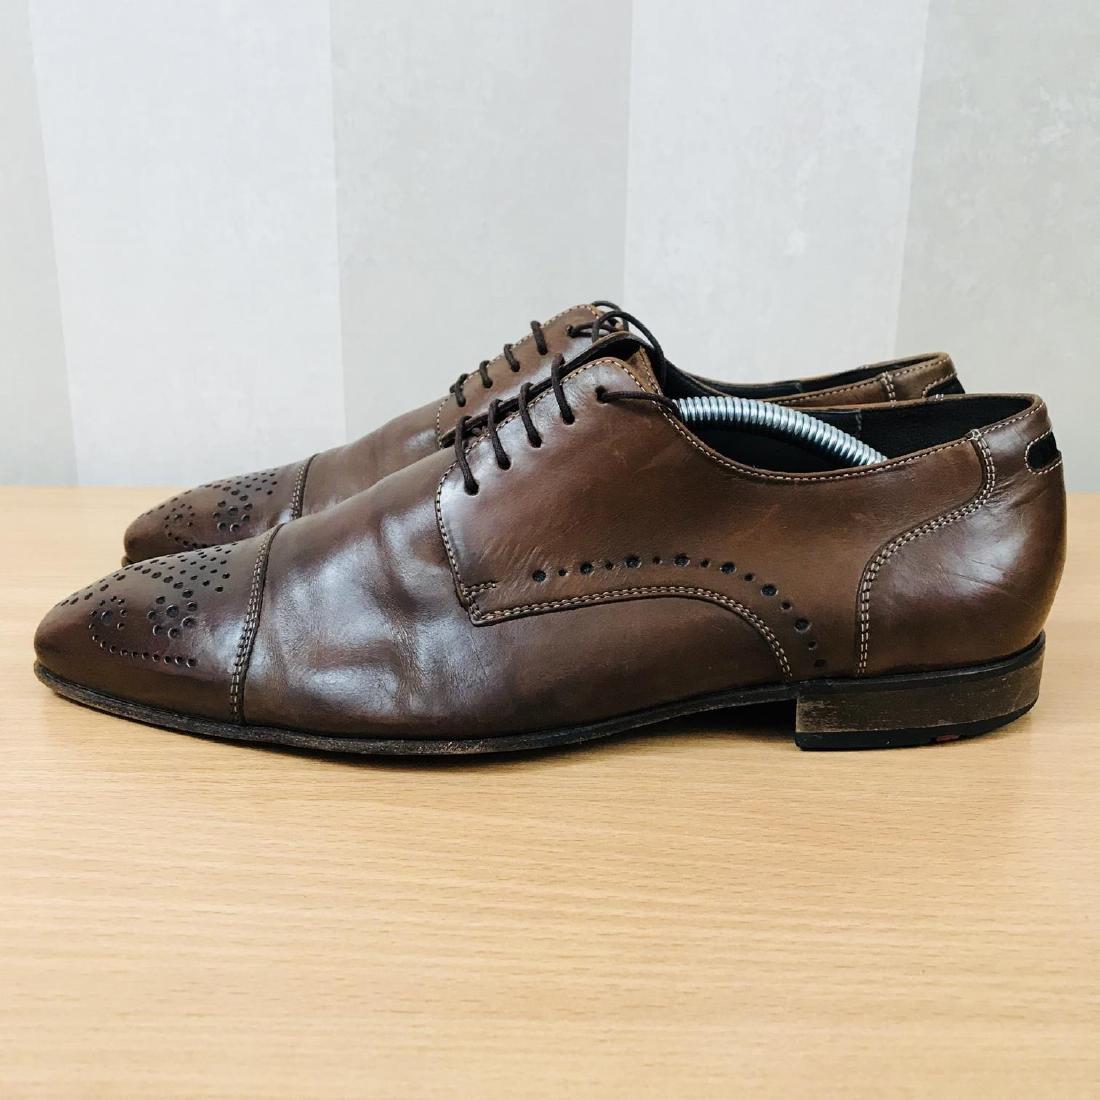 Vintage Men's LLOYD Leather Shoes Size EUR 41 US 8 - 6